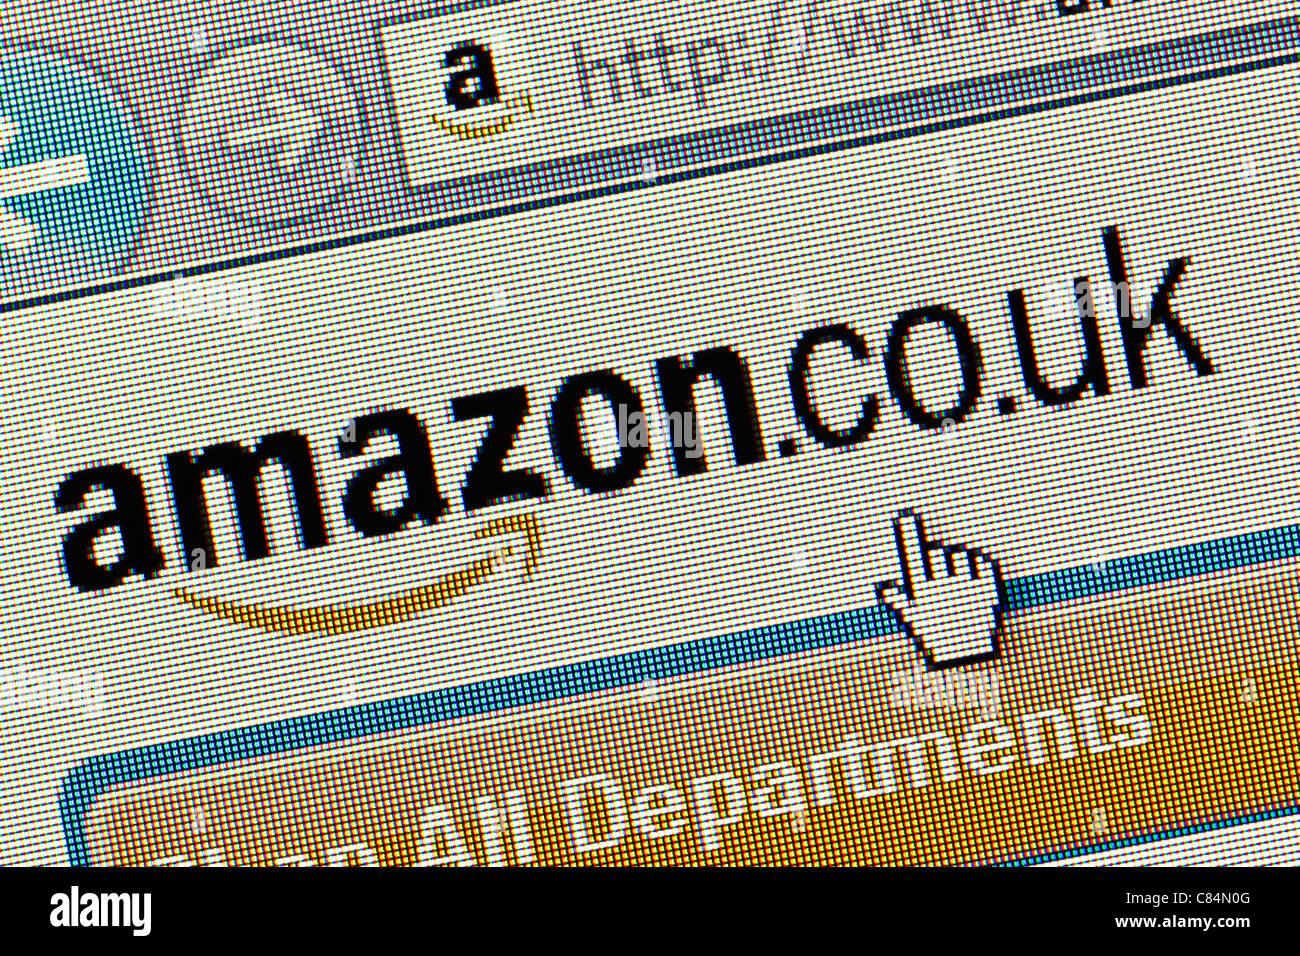 Amazon UK logo and website close up - Stock Image